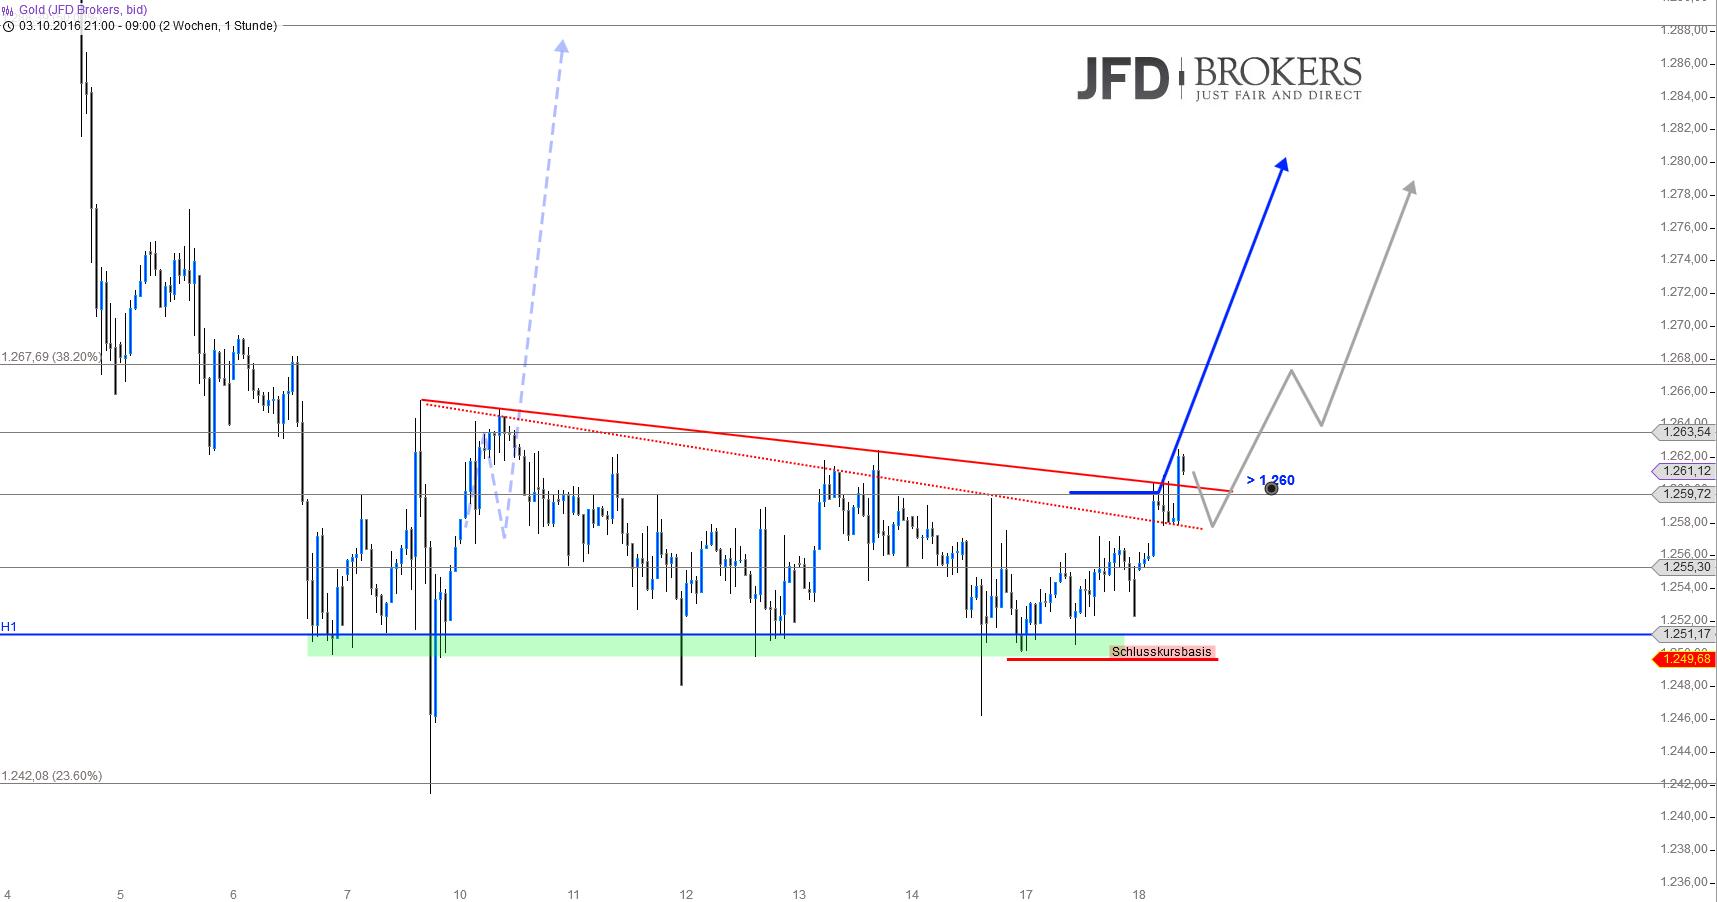 Gold-Silber-Ende-der-Konsolidierungsphase-Kommentar-JFD-Brokers-GodmodeTrader.de-2